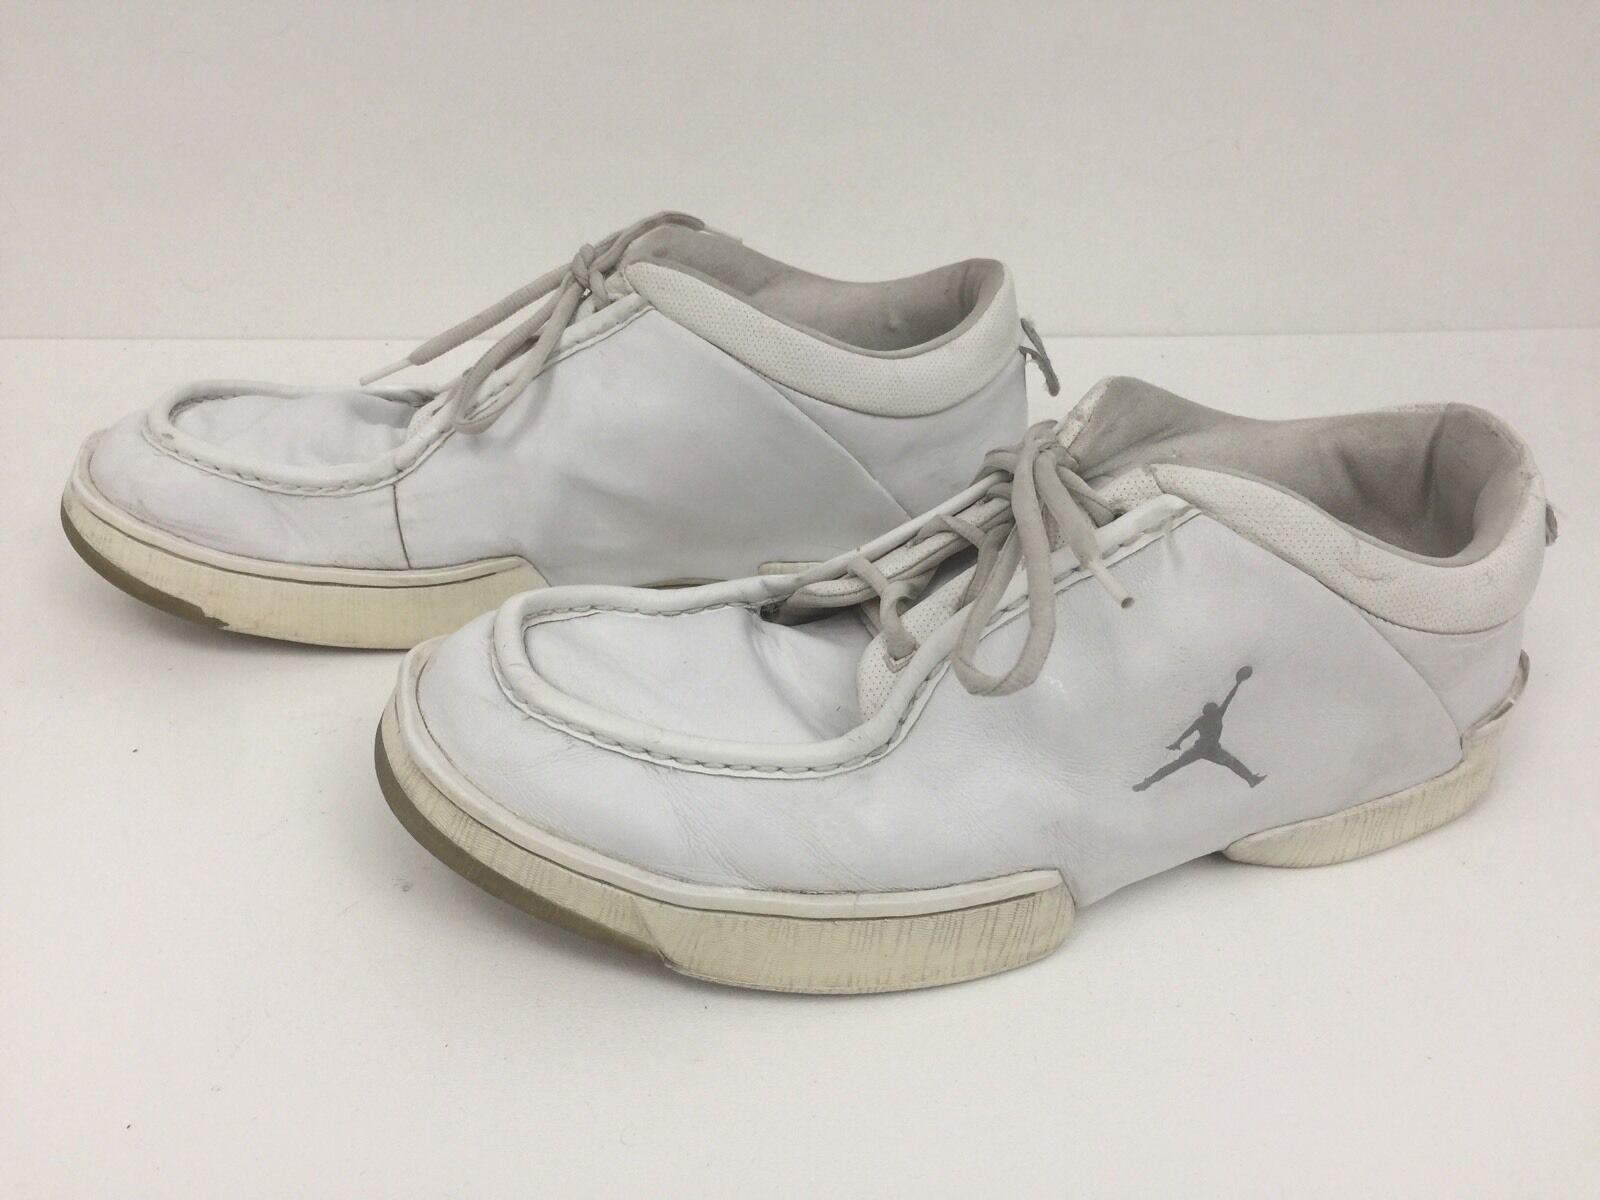 confortable et bien des hommes blancs nike air confortables jordan occasionnel des chaussures confortables air 6f03a5